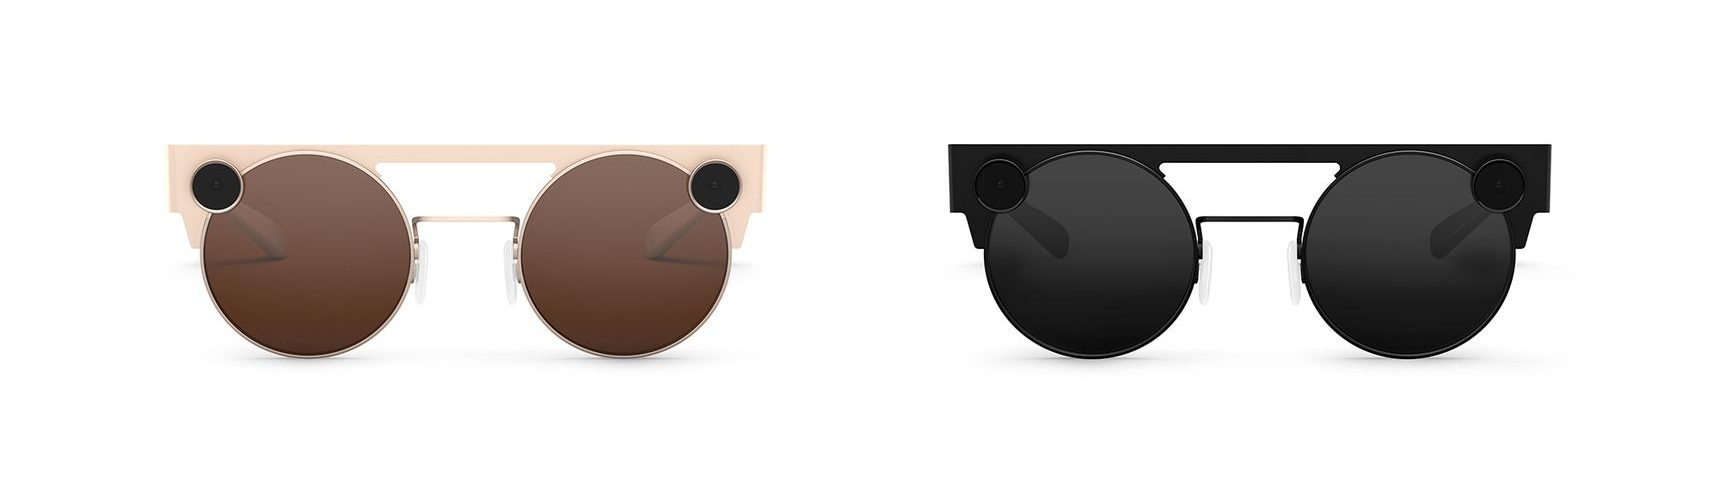 Snapchat pokazał okulary Spectacles 3. Cena jest naprawdę zabójcza